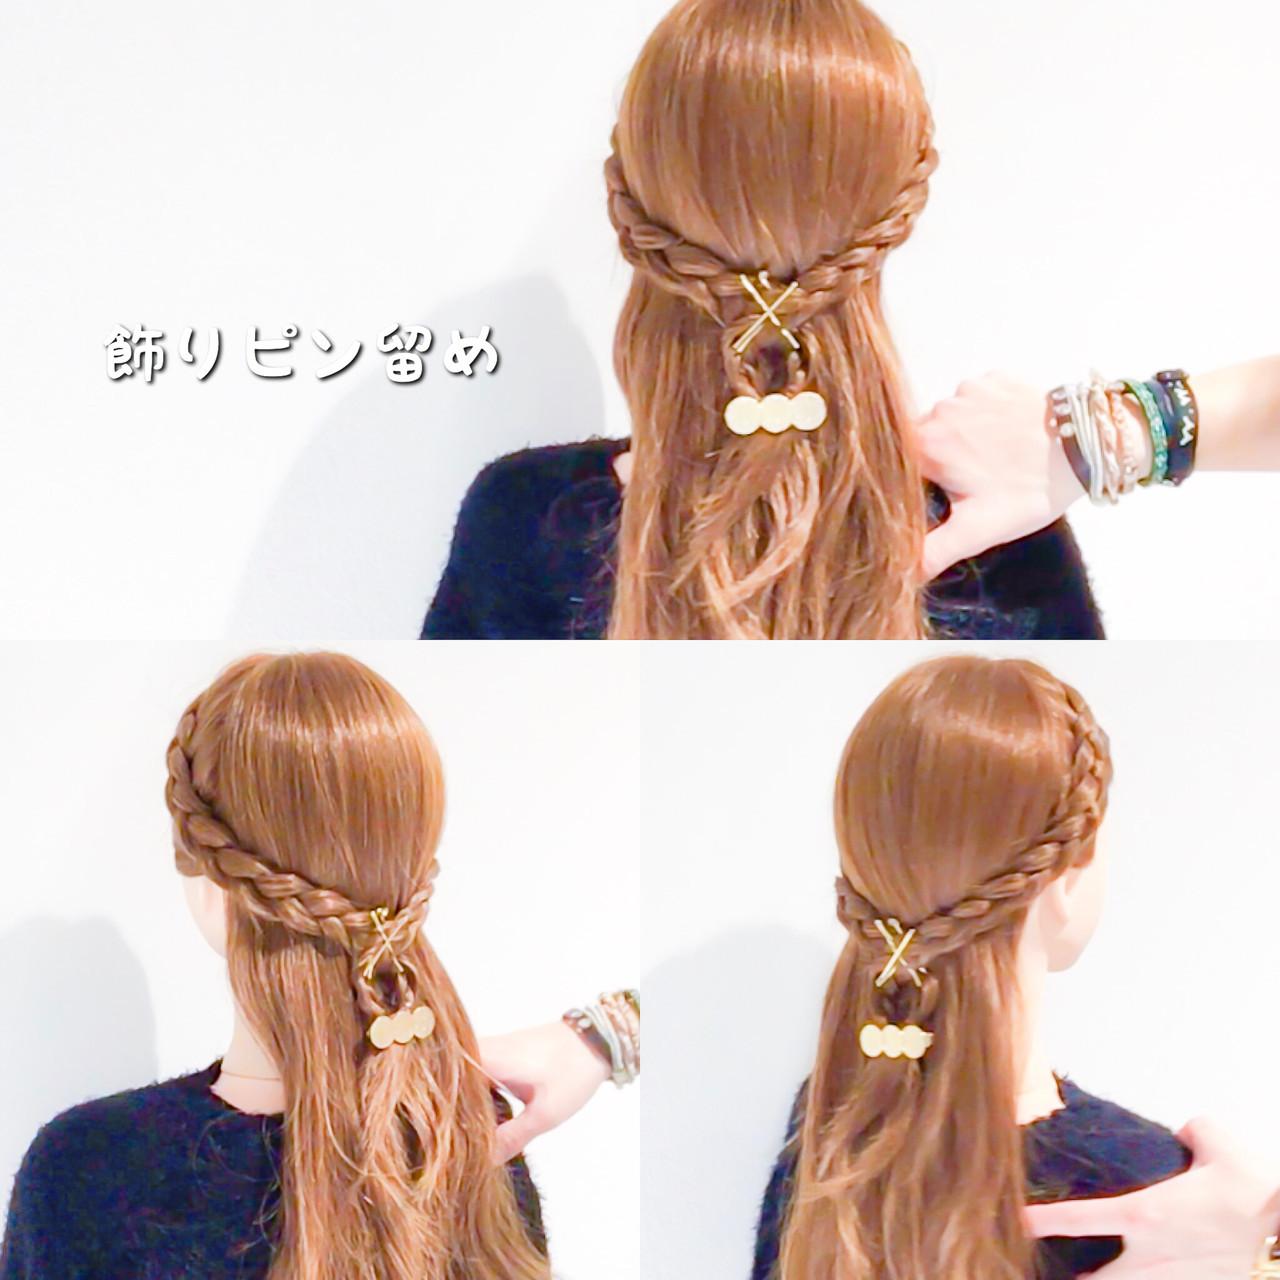 デート フェミニン ヘアアレンジ ロング ヘアスタイルや髪型の写真・画像